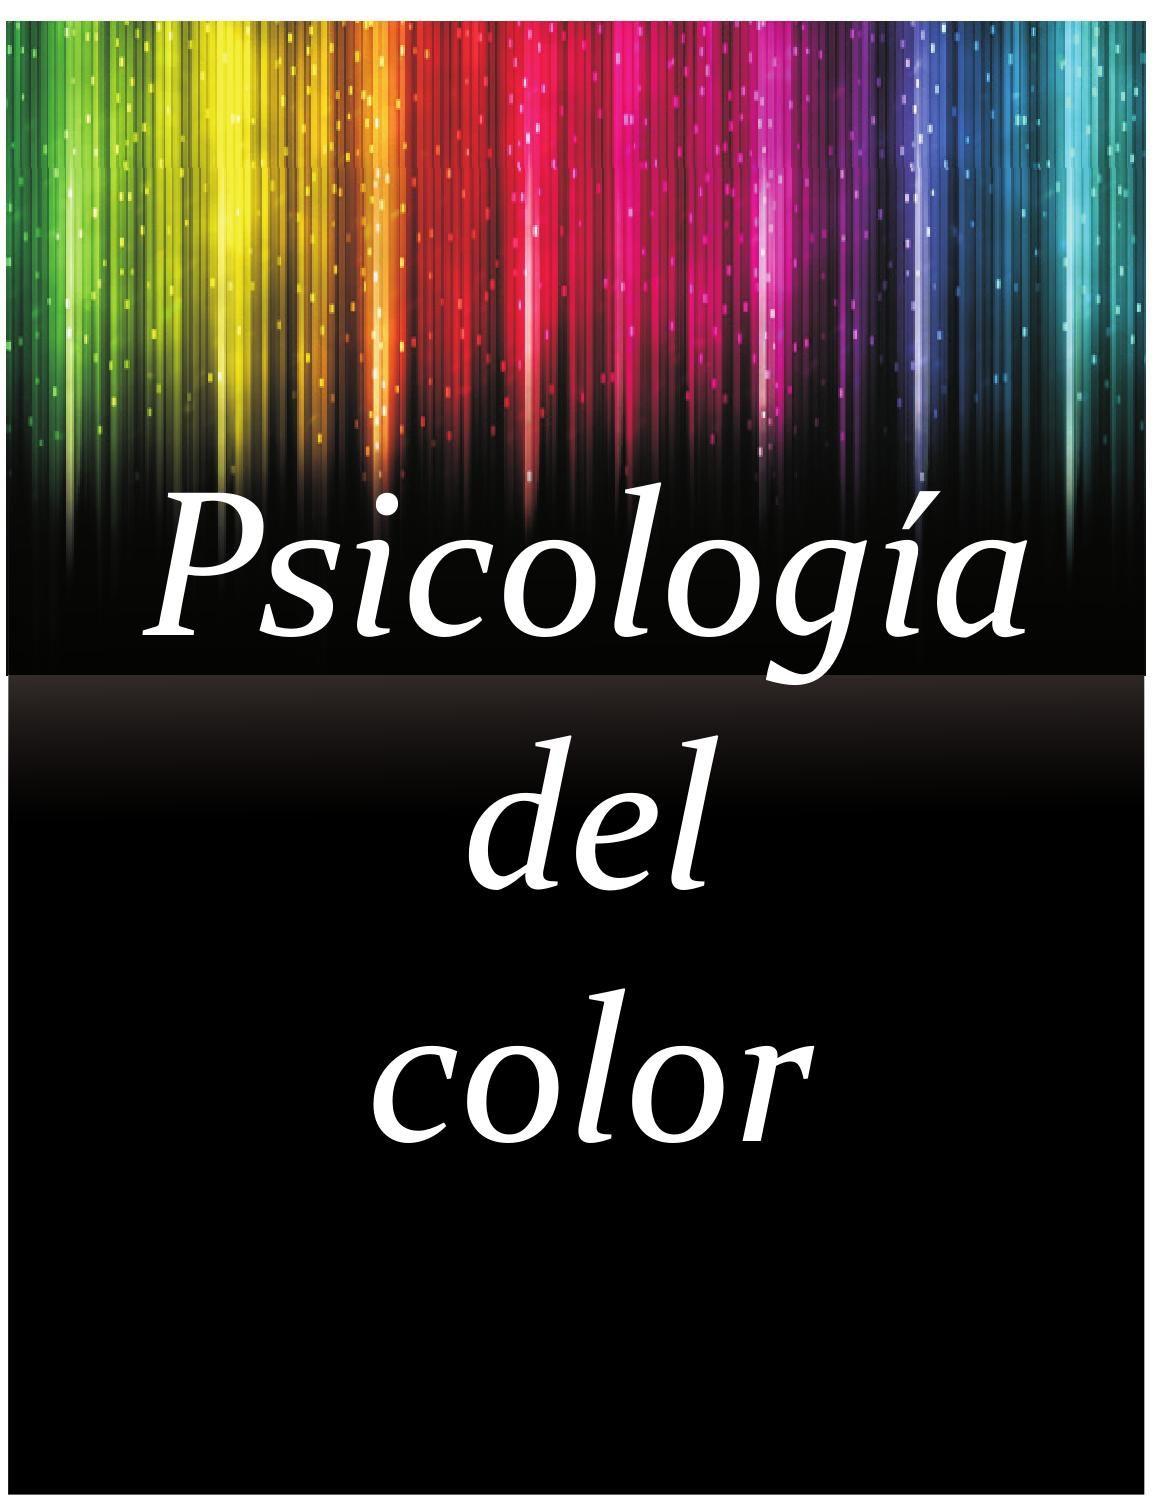 Psicologia del color | Psicología del color, El color y Color